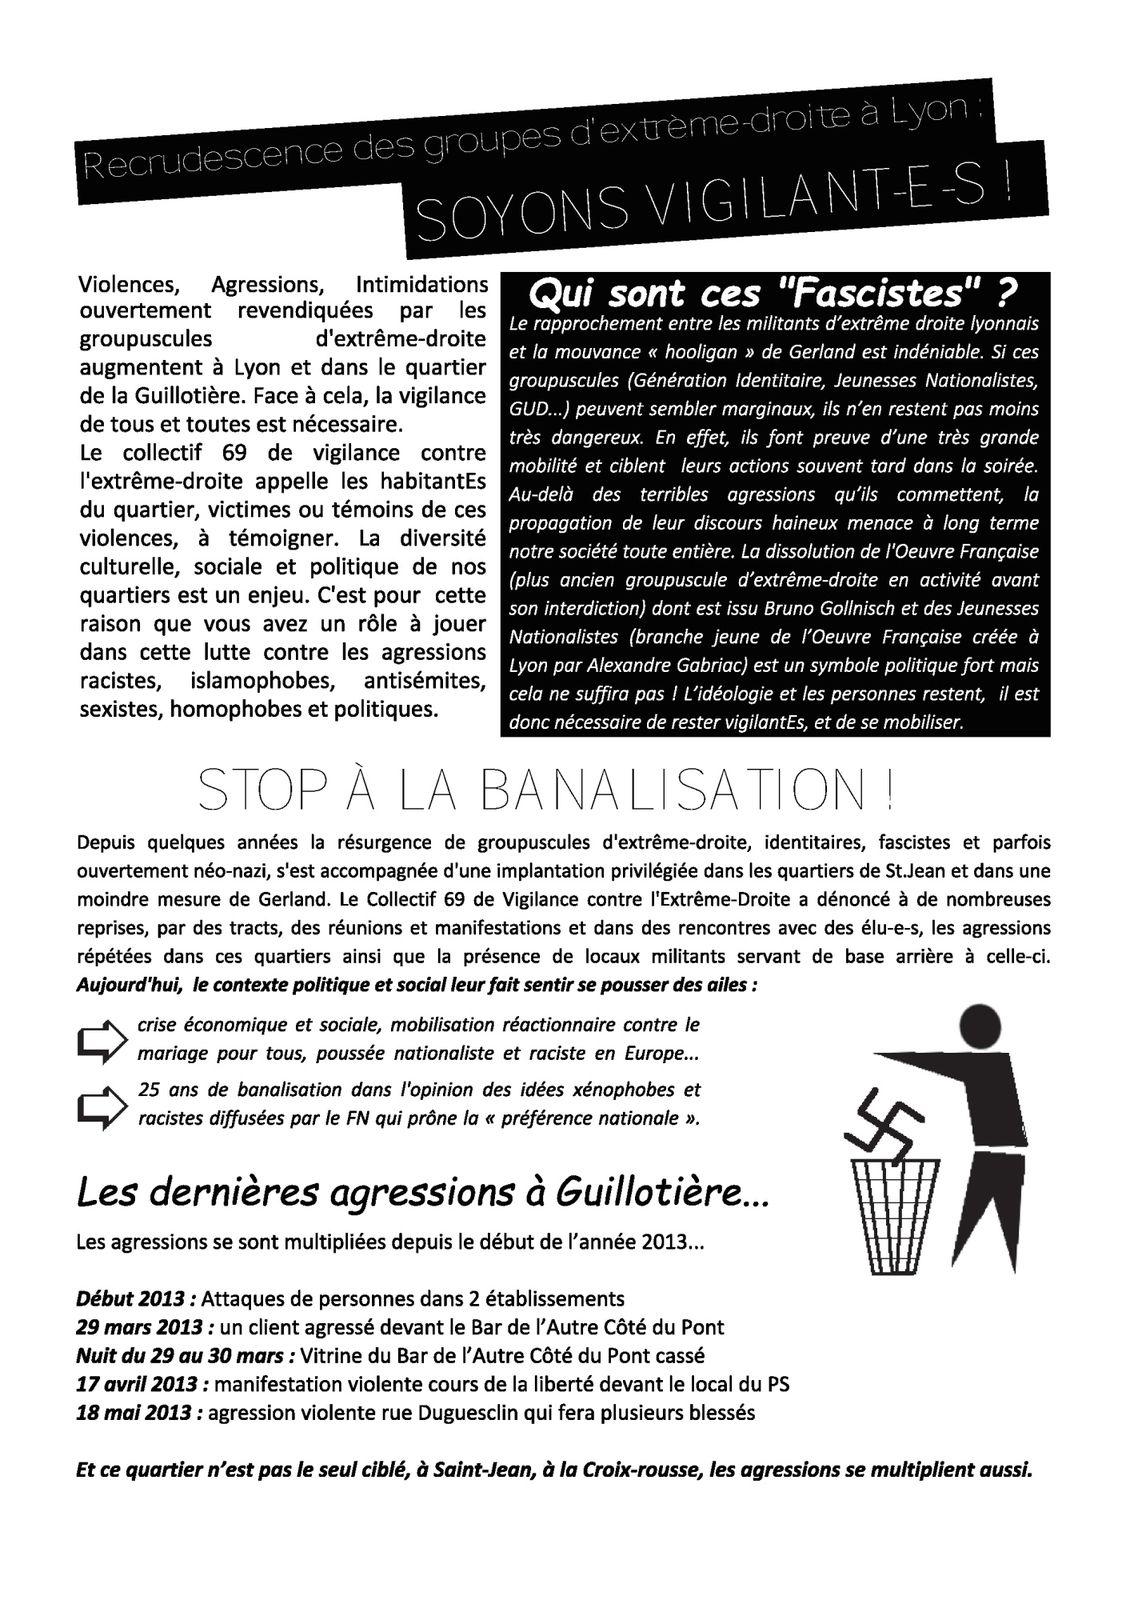 Réunion publique d'information le 29 novembre à la Guillotière